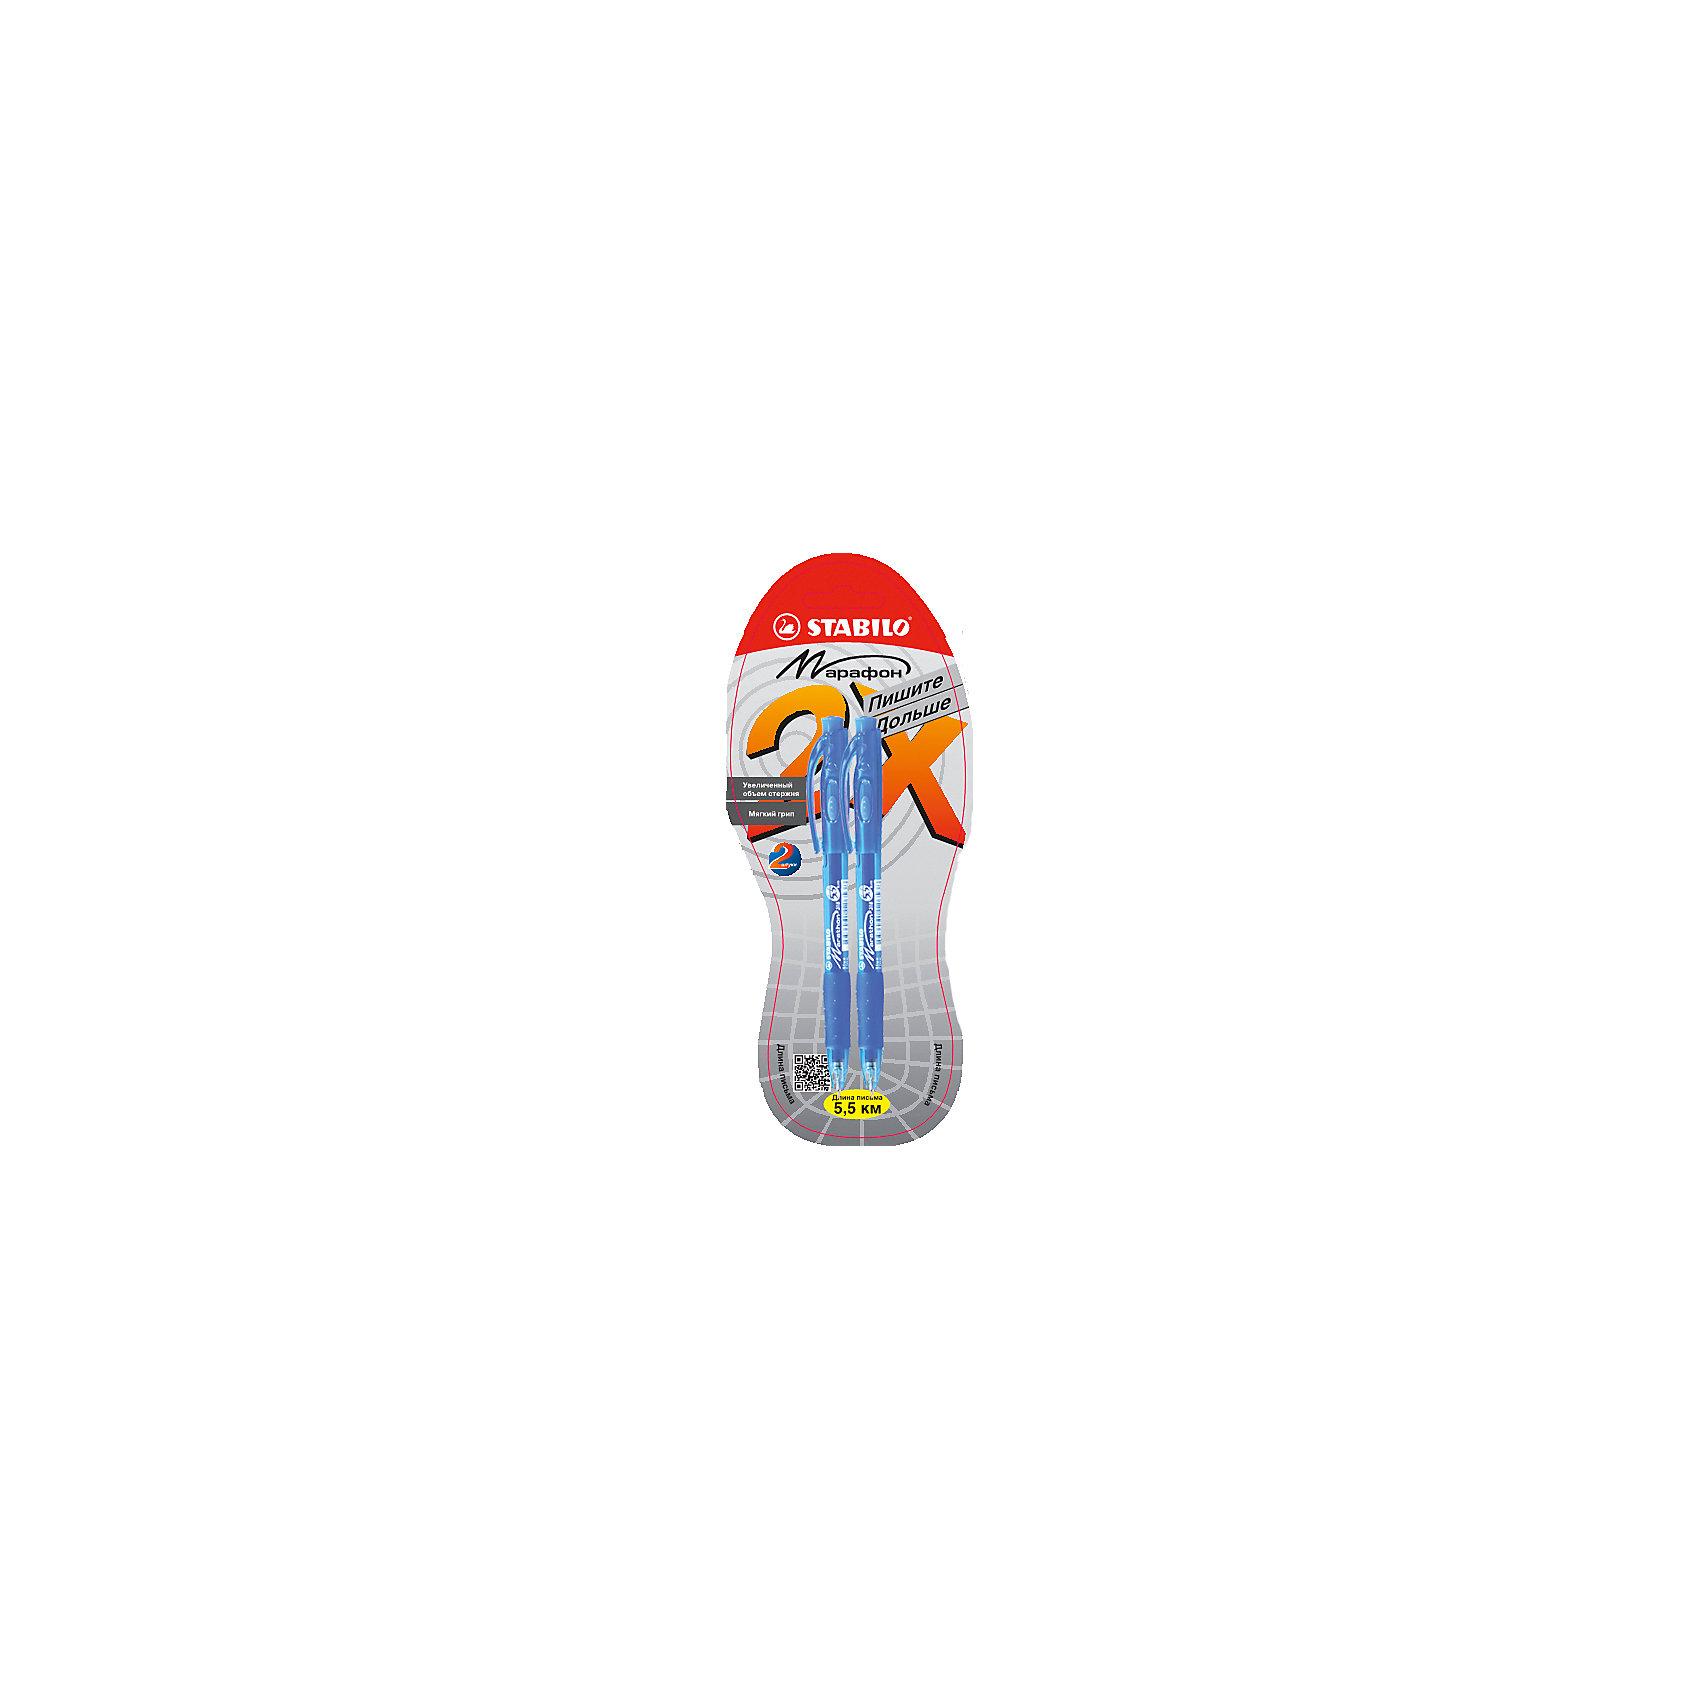 Ручка шариковая MARATHON синяя 2шт 0,3ммПисьменные принадлежности<br>Характеристики:<br><br>• возраст: от 3 лет<br>• в наборе: 2 автоматические ручки<br>• цвет чернил: синий<br>• толщина линии: 0,3 мм.<br>• размер упаковки: 20х8 см.<br><br>Автоматическая шариковая ручка имеет прозрачный пластиковый корпус. Оснащена каучуковой манжеткой, которая предотвращает скольжение пальцев. Увеличенное количество пасты позволяет реже производить замену стержня.<br><br>Ручку шариковую MARATHON синюю 2шт 0,3мм можно купить в нашем интернет-магазине.<br><br>Ширина мм: 20<br>Глубина мм: 8<br>Высота мм: 1<br>Вес г: 25<br>Возраст от месяцев: 36<br>Возраст до месяцев: 2147483647<br>Пол: Унисекс<br>Возраст: Детский<br>SKU: 6873772